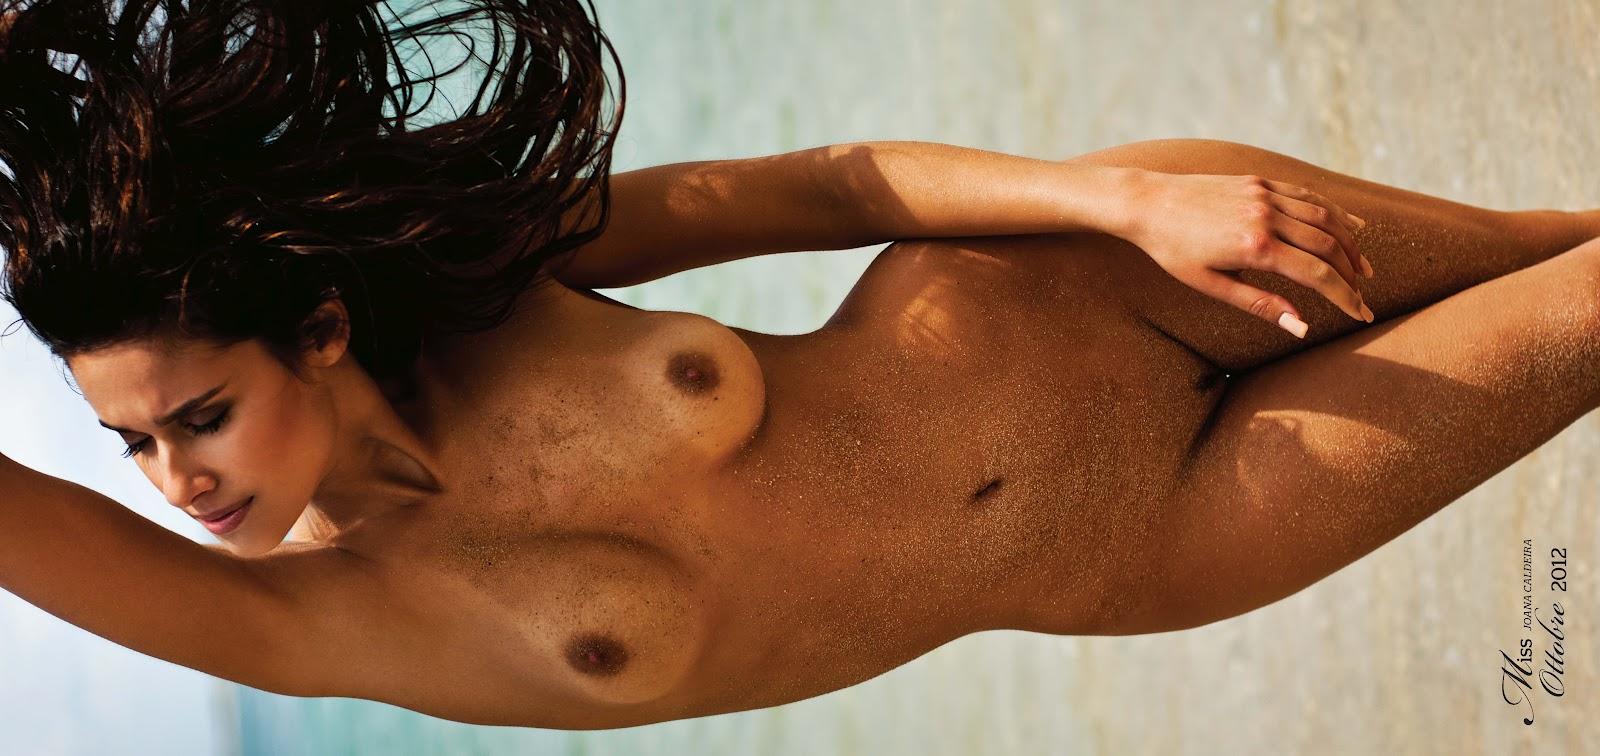 Секс италия бесплатно 2 фотография